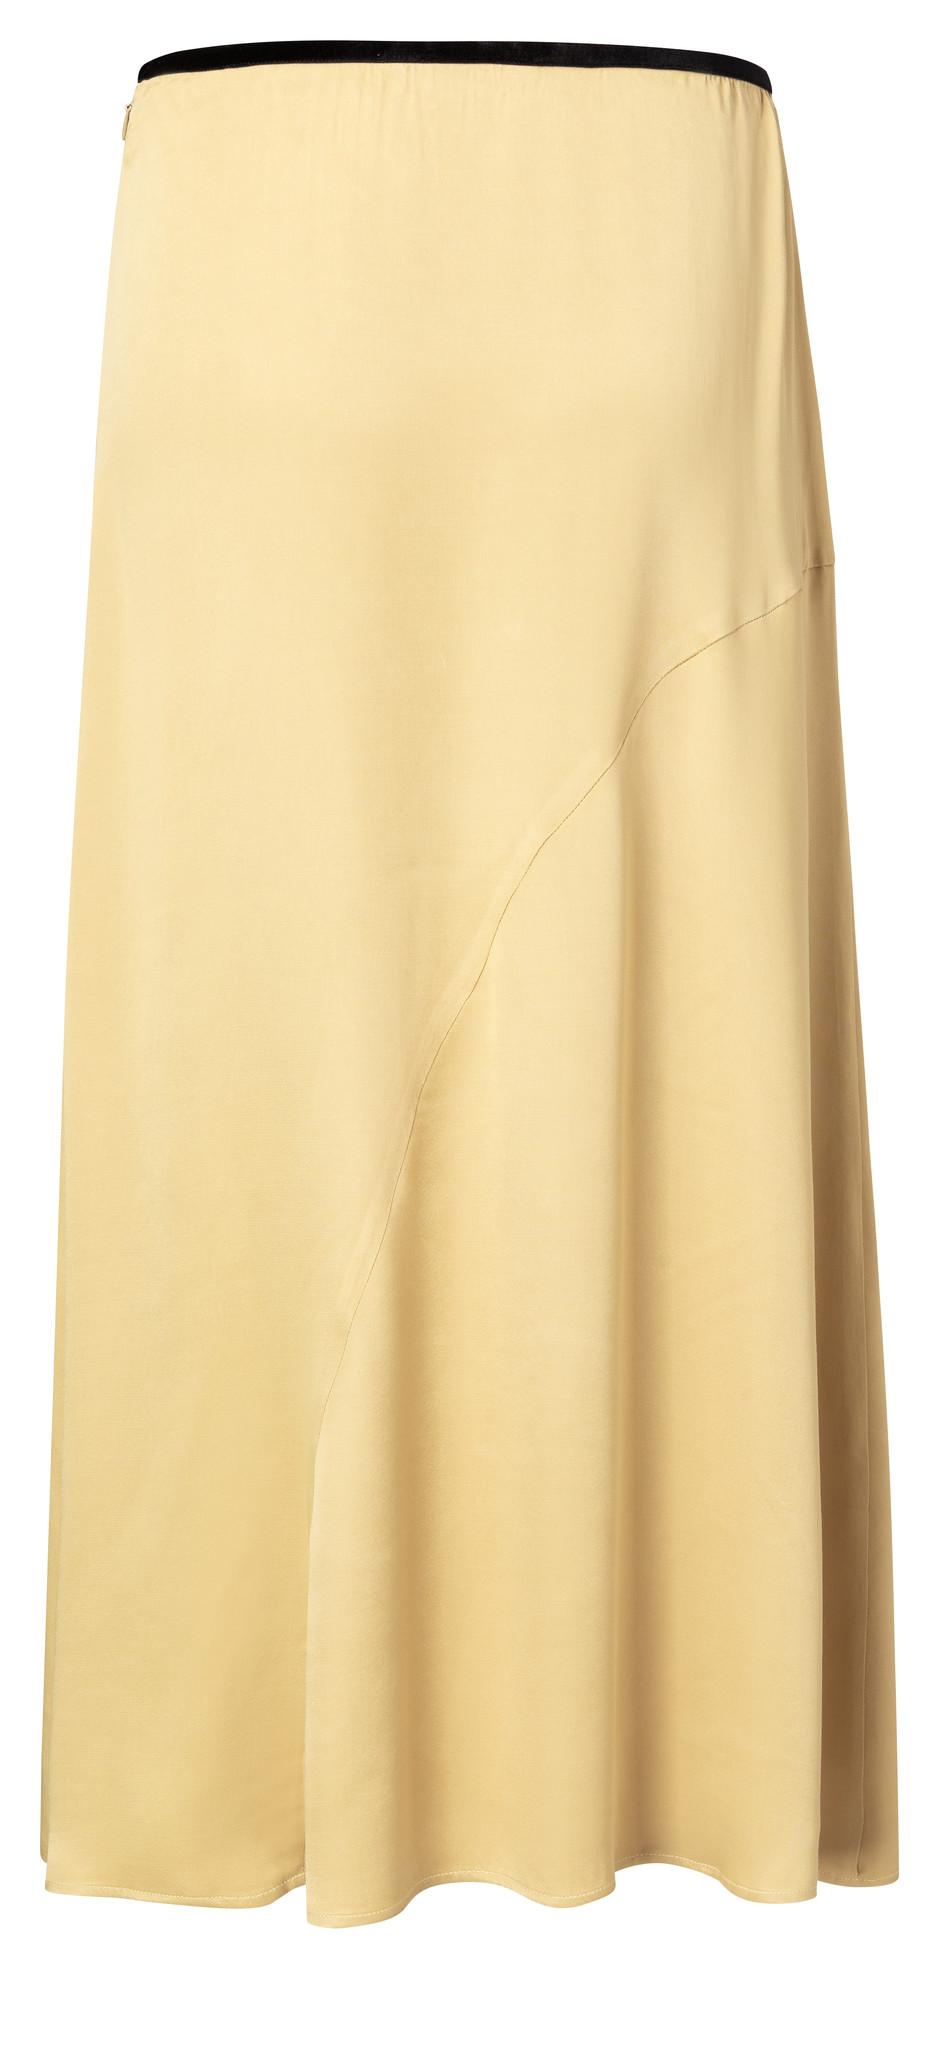 yaya Satin A-line skirt 140183-014-2